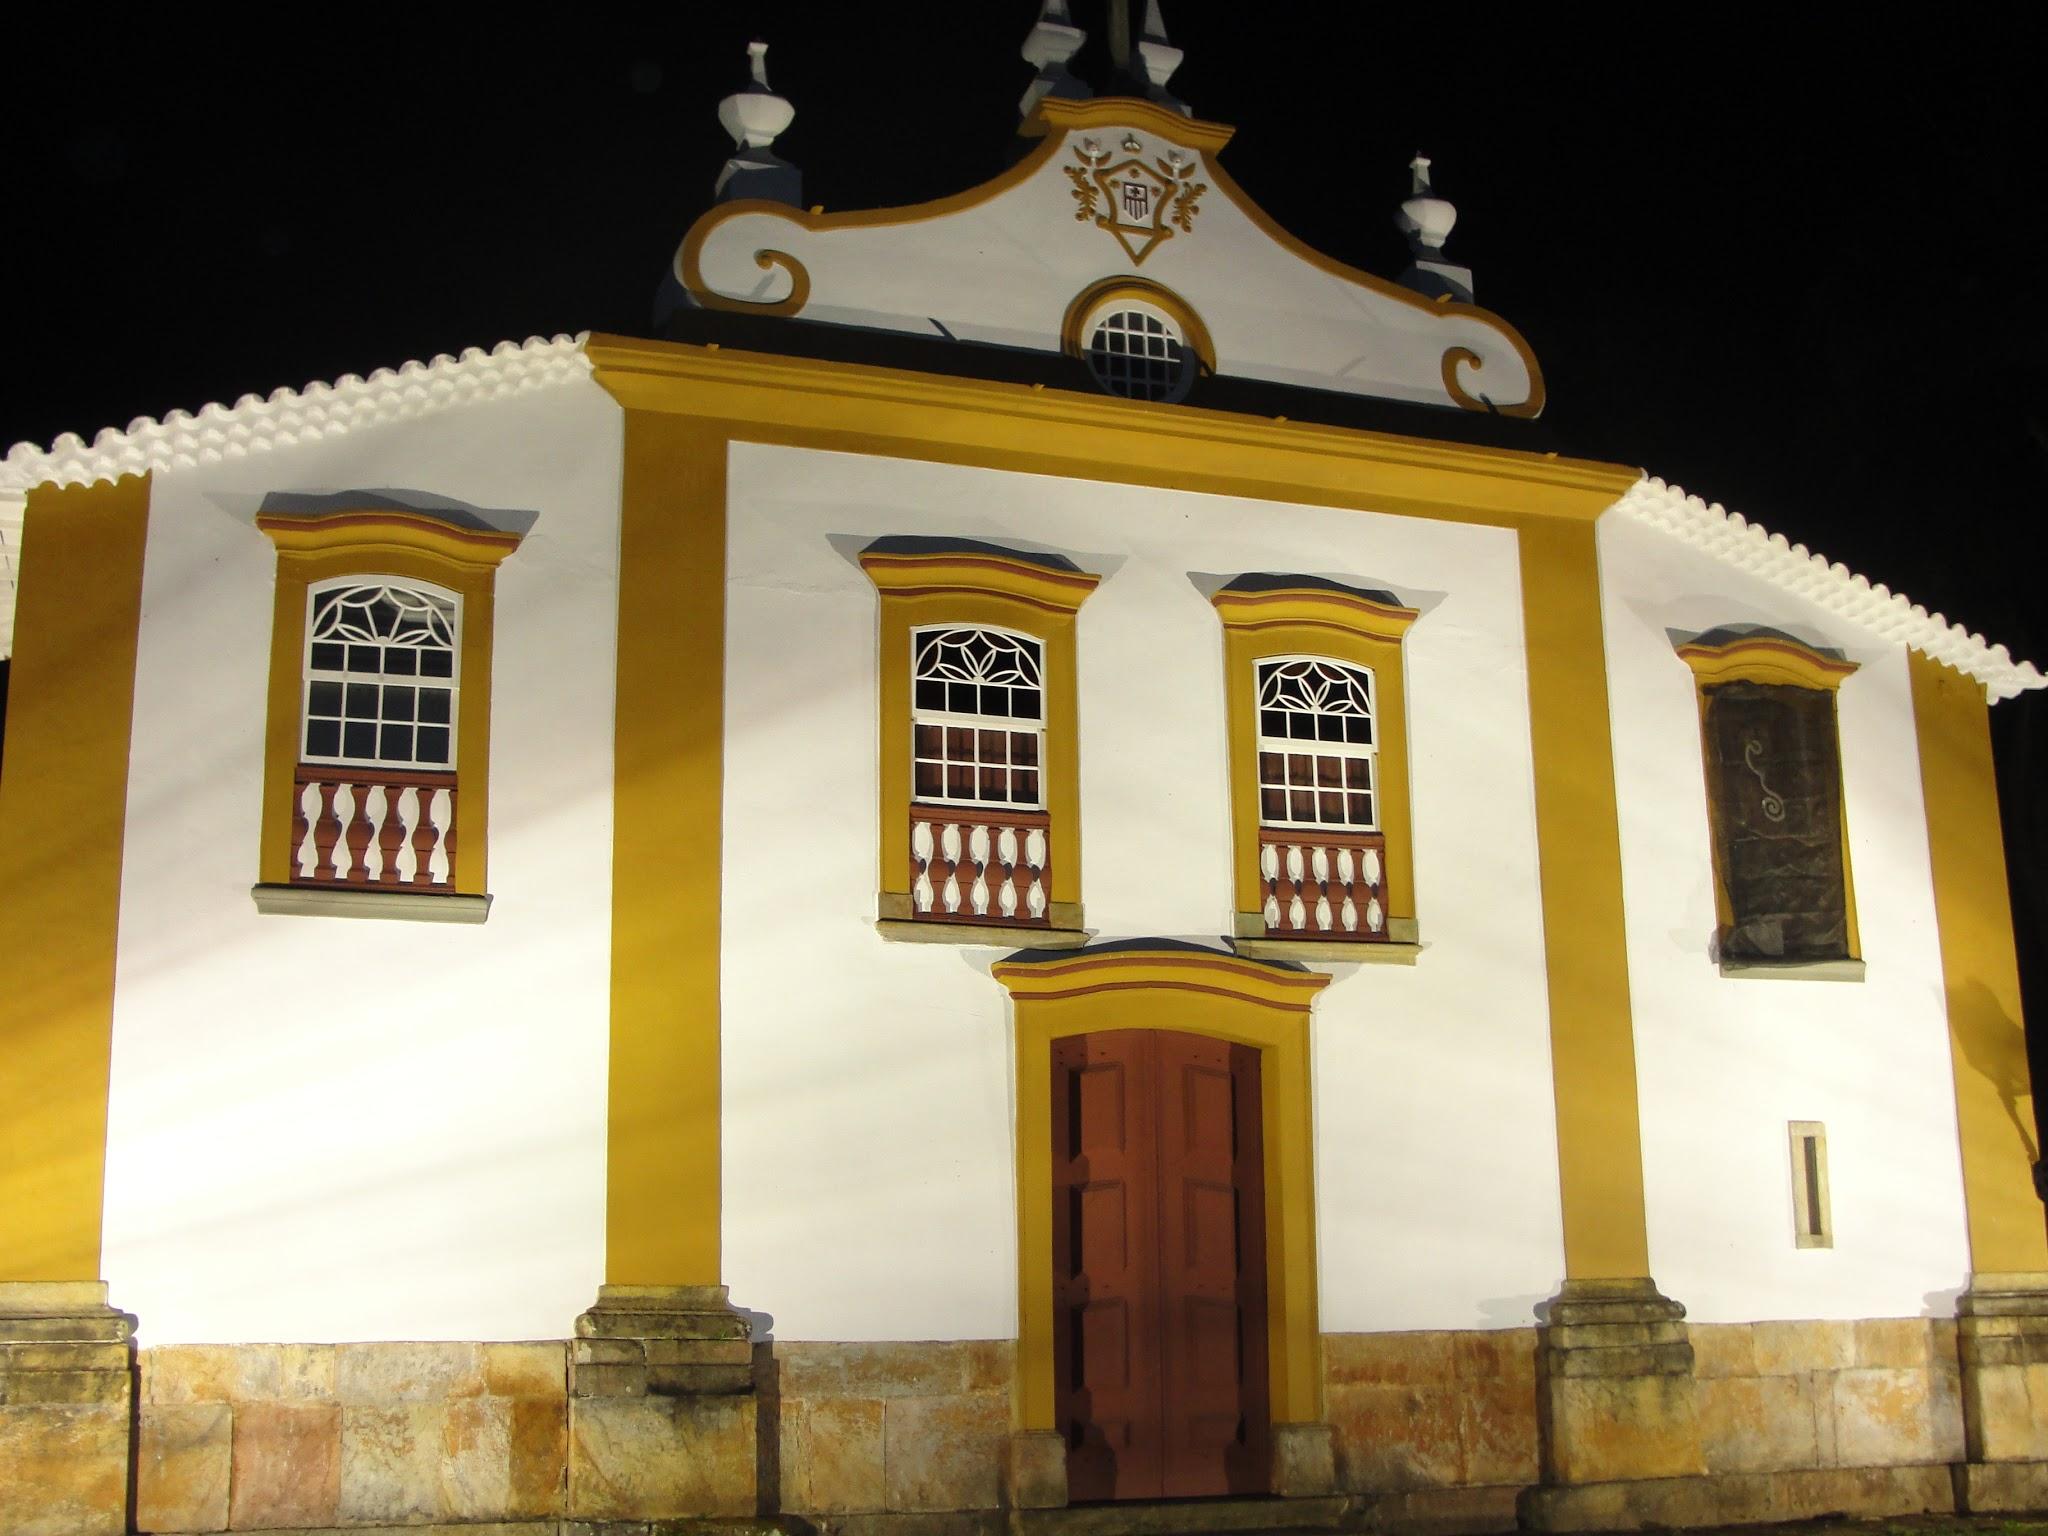 Igreja Nossa Senhora das Mercês, Tiradentes/MG